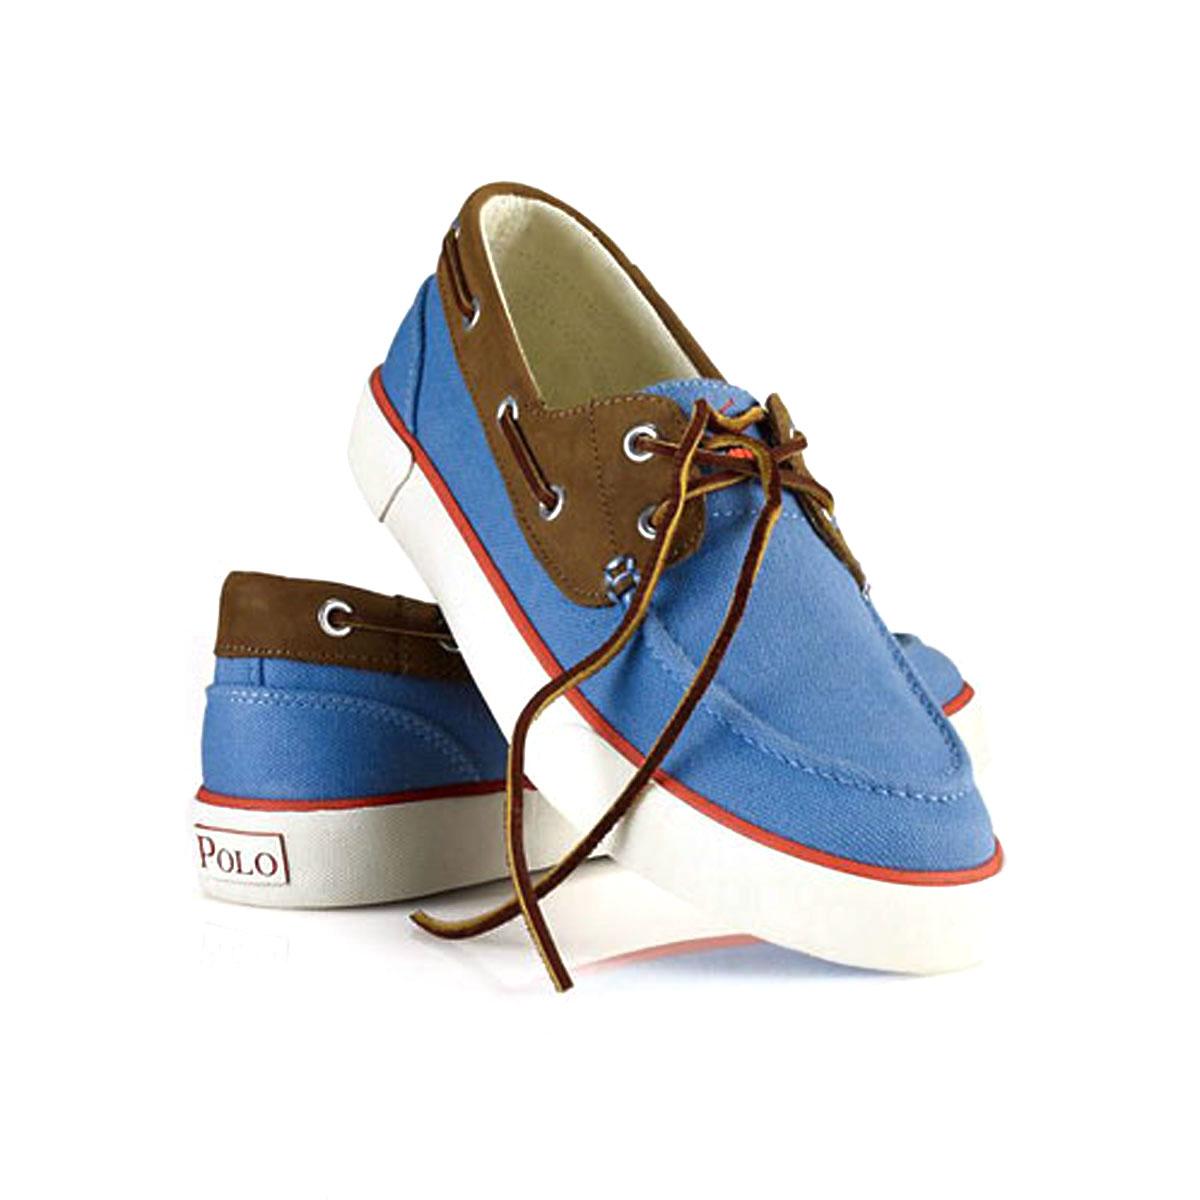 Polo Ralph Lauren POLO RALPH LAUREN genuine men s deck shoes campus  Rylander Canvas Boat Shoe BLUE 10P22Jul14 bad46bece